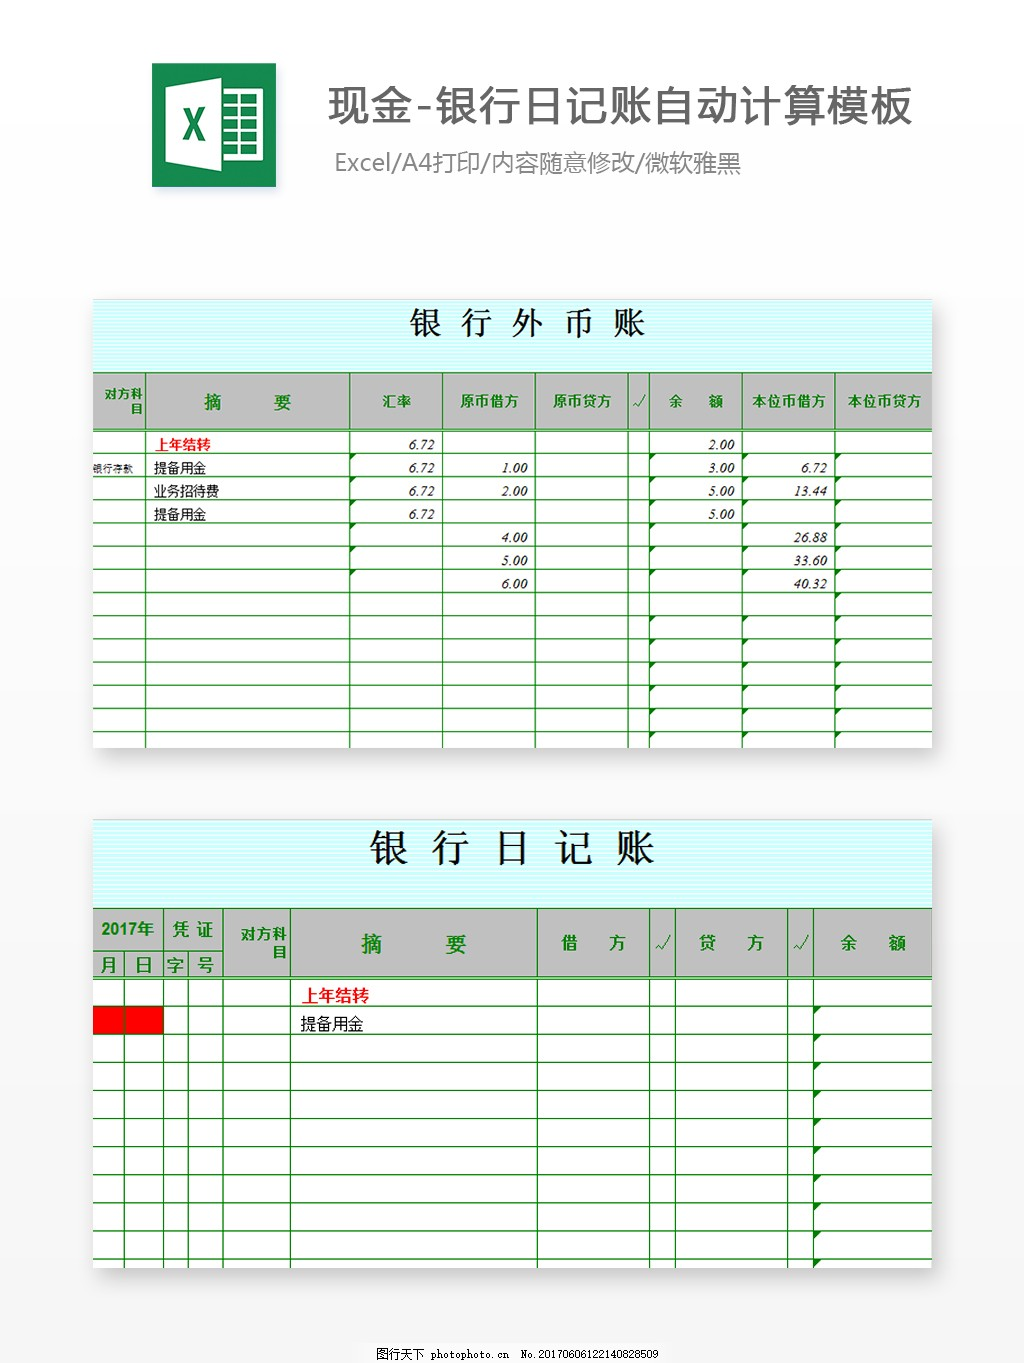 现金-银行日记账自动计算Excel模板